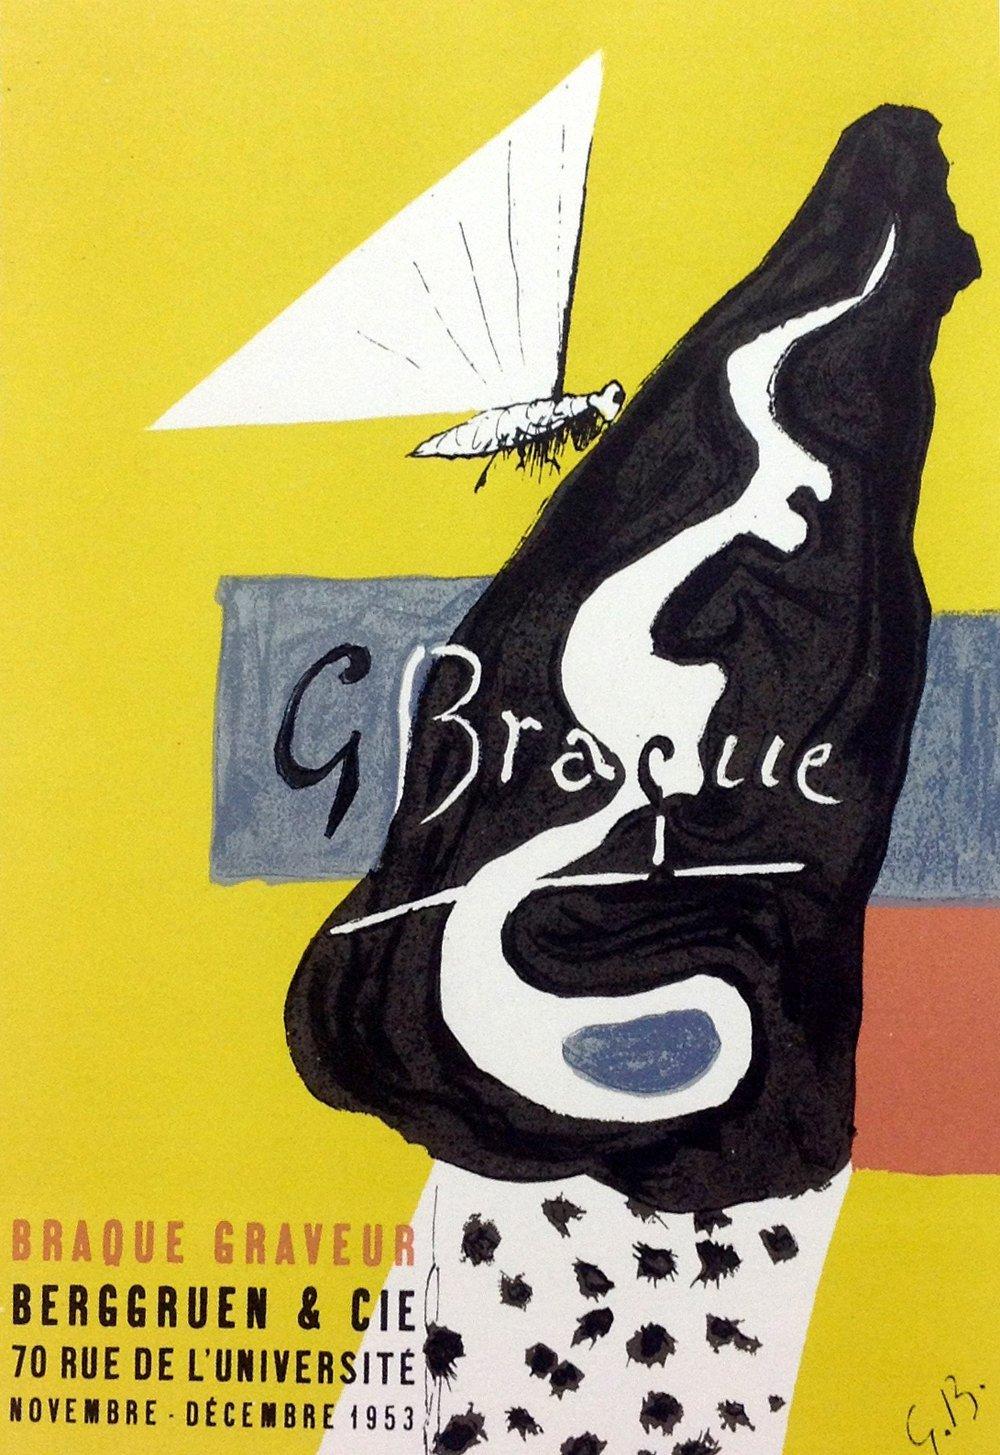 Braque Lithograph 7, Braque-graveur, Mourlot 1959